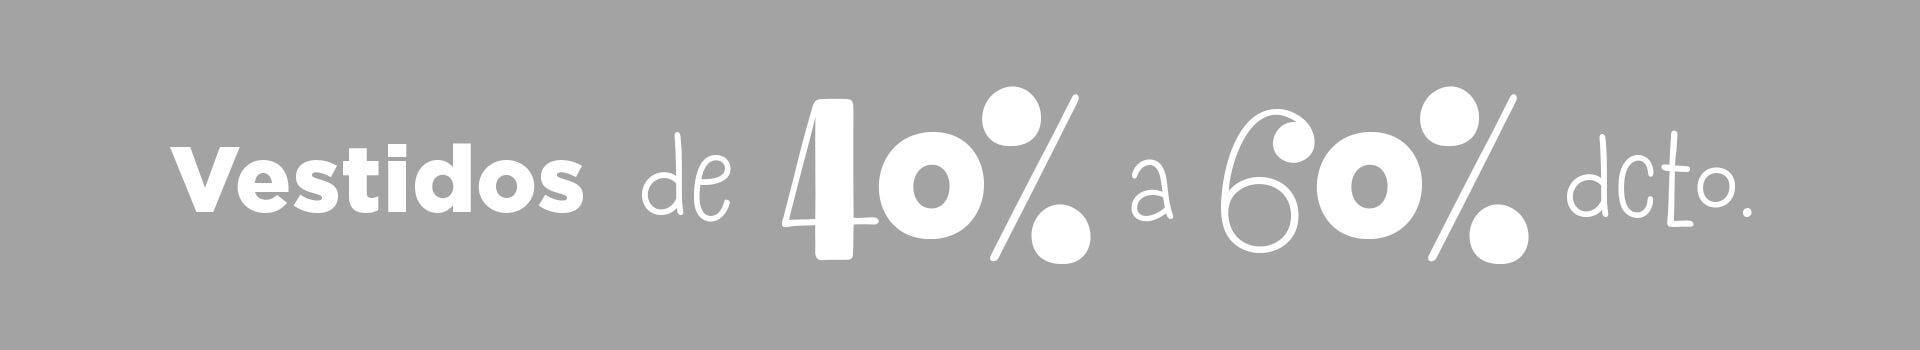 Vestidos de 40% a 60% dcto